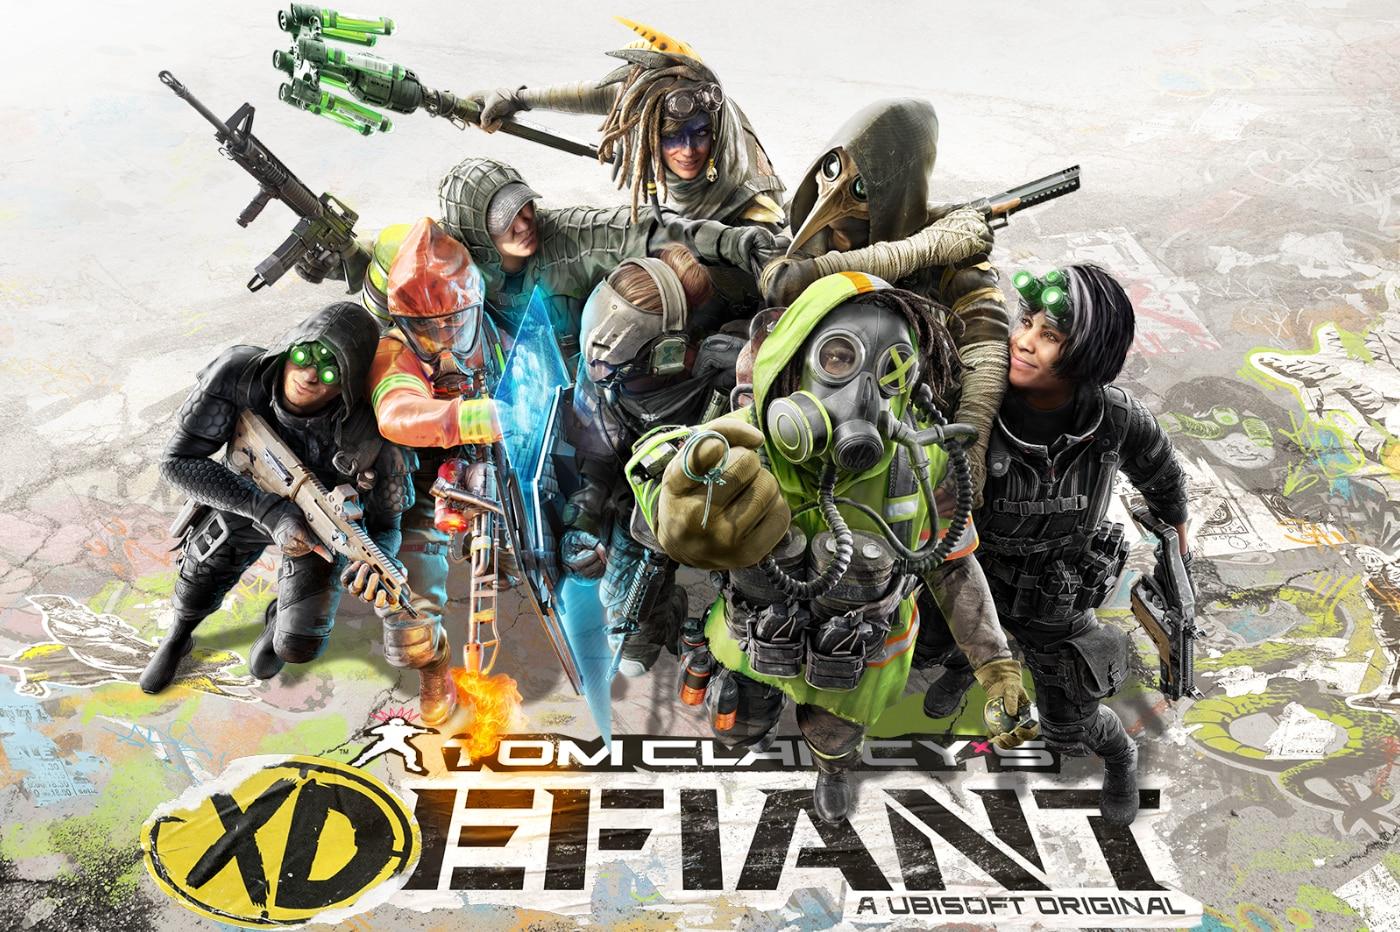 XDefiant Ubisoft